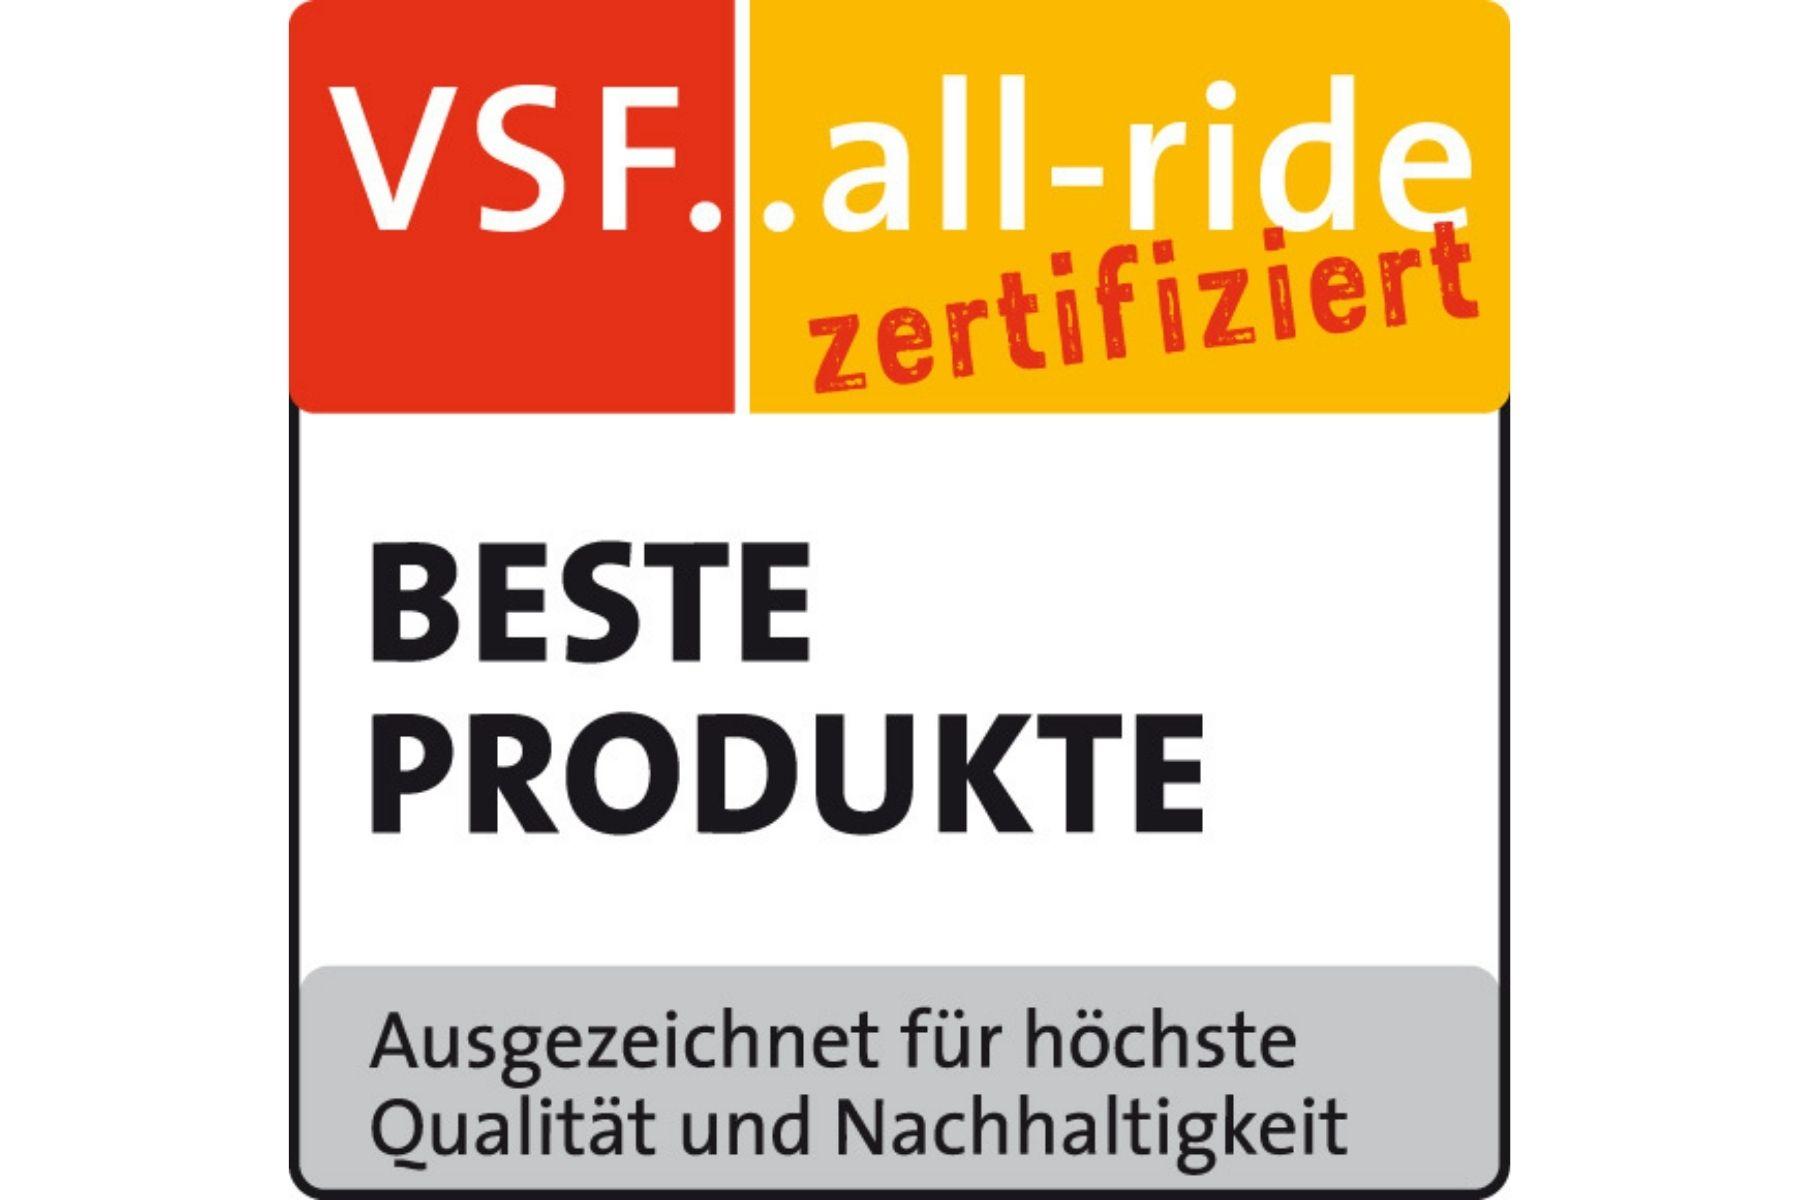 Acht Hersteller wurden von VSF ausgezeichnet